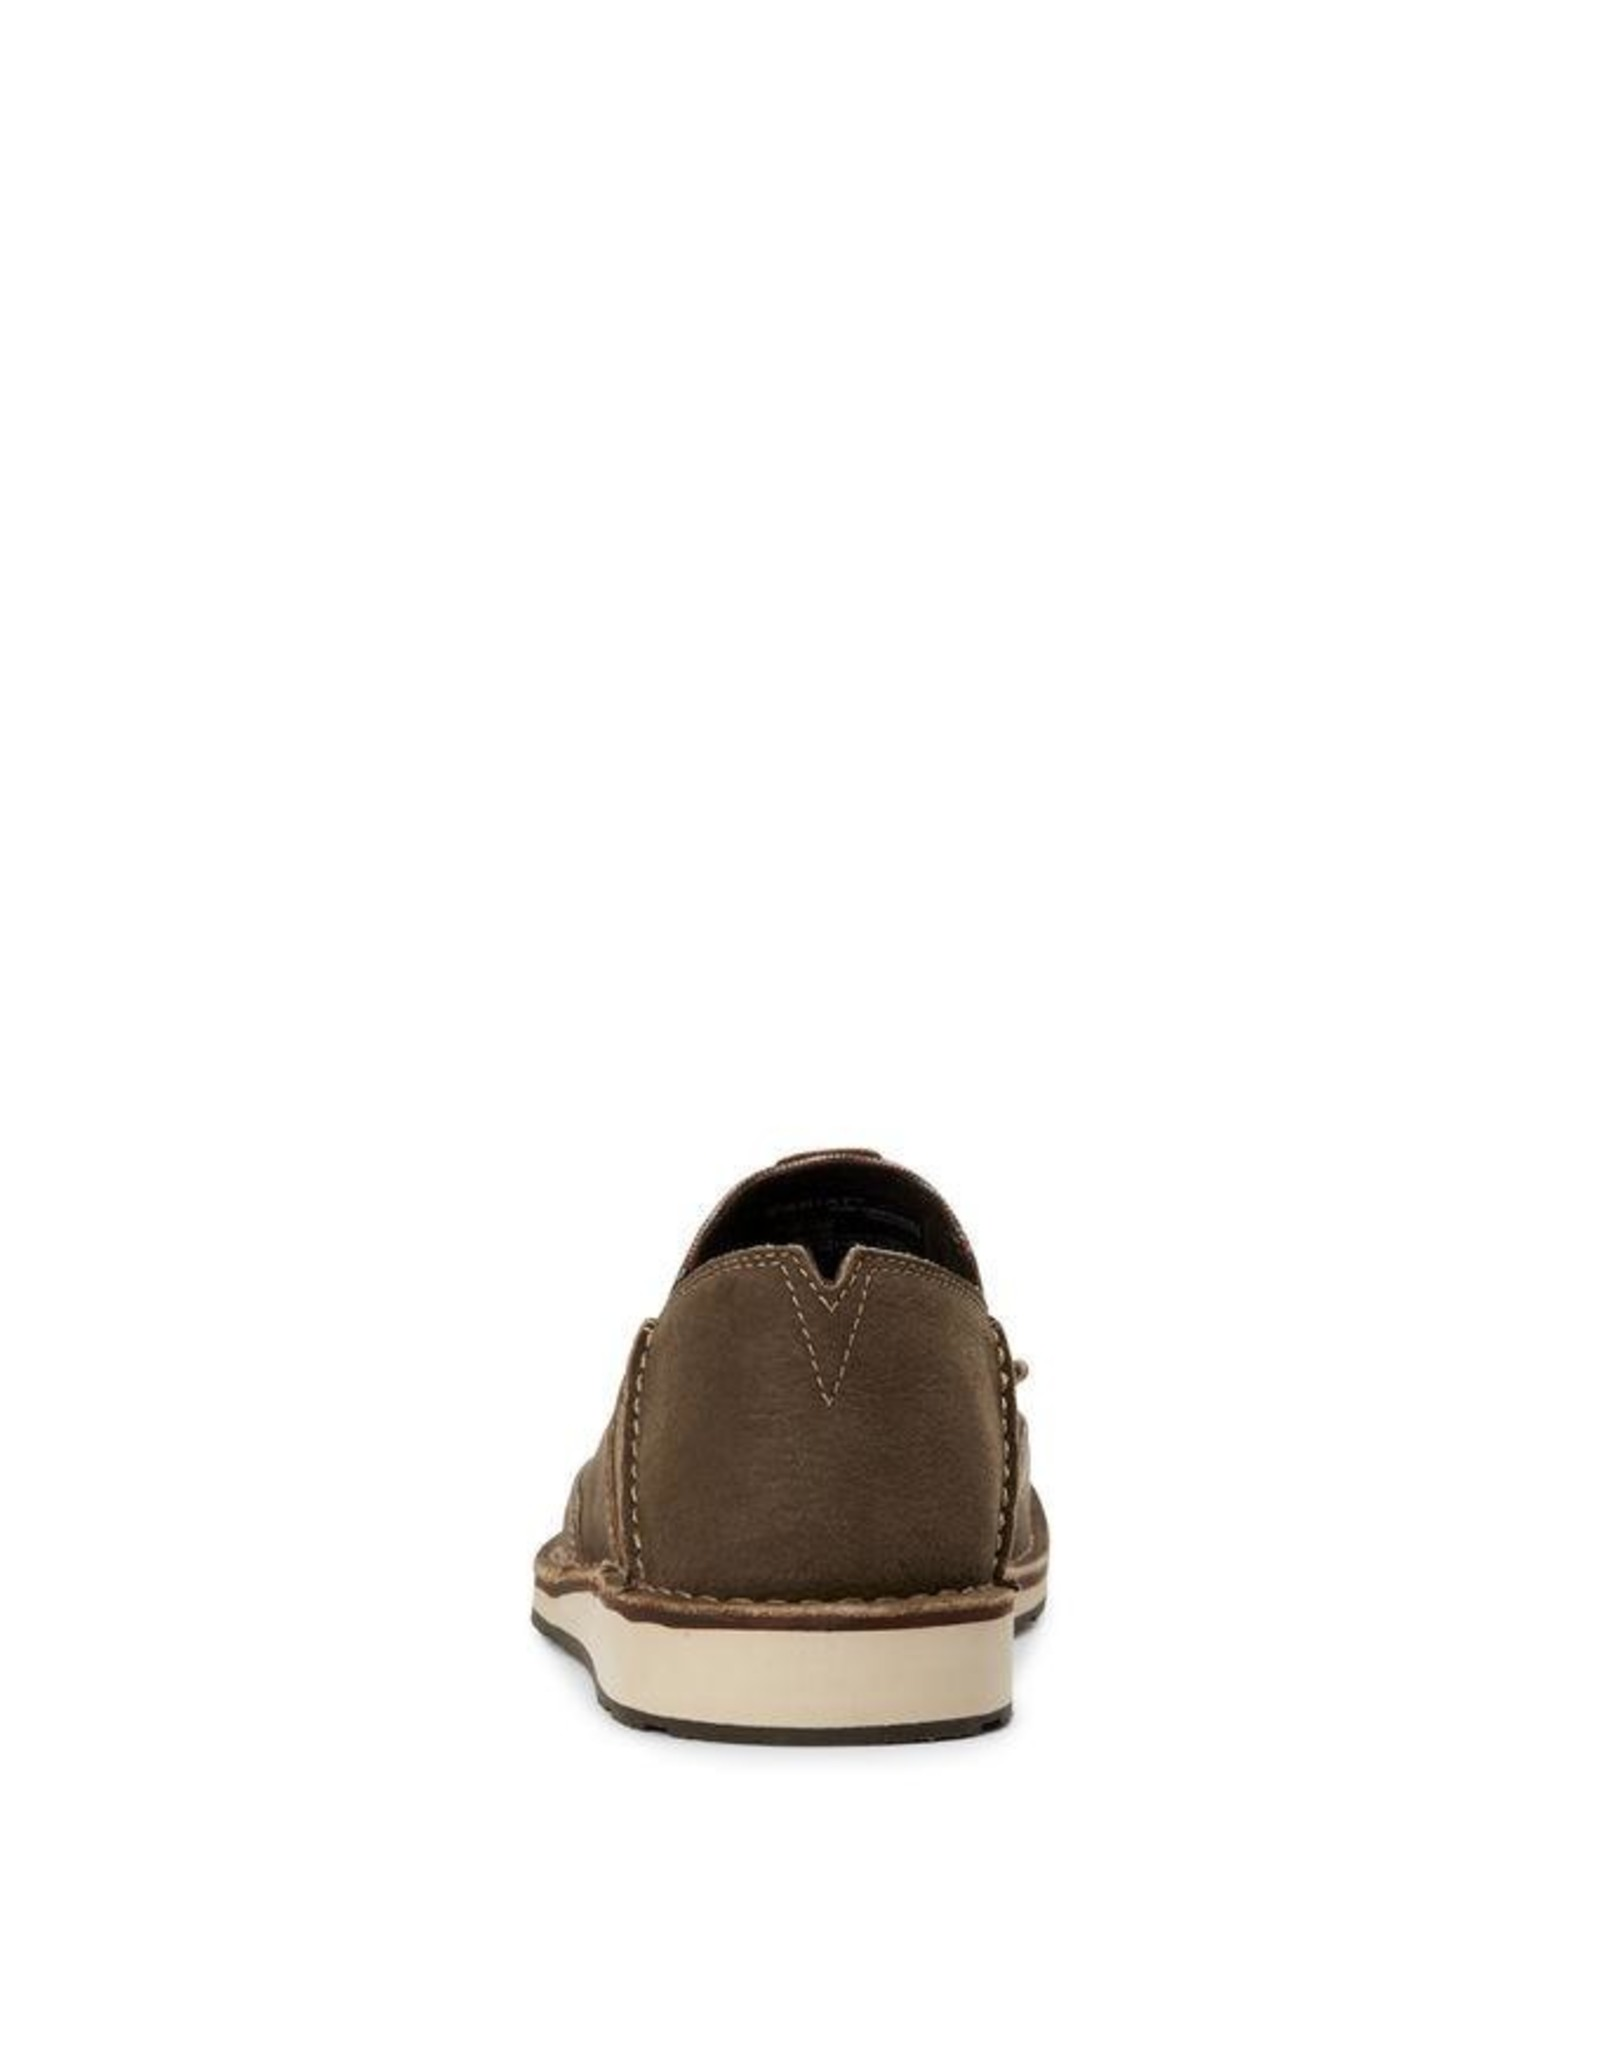 Shoes Ariat 10027395<br /> Cruiser Terrace Cortez Aztec